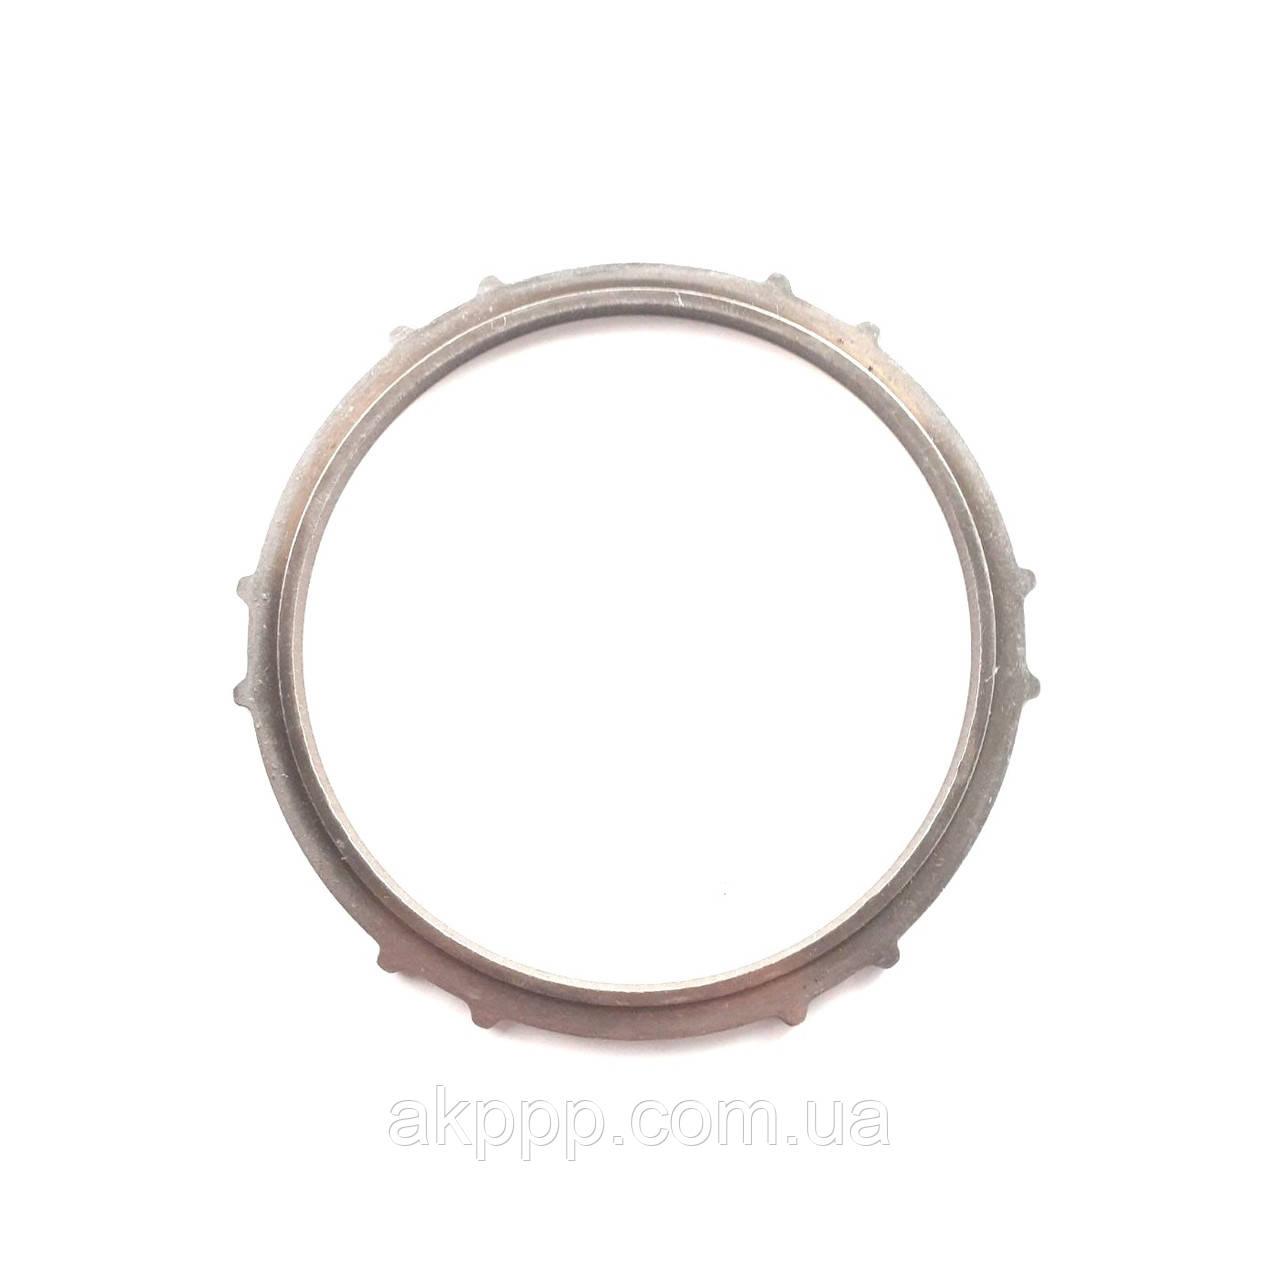 Упорный диск акпп 5L40E (114/130 мм) б/у